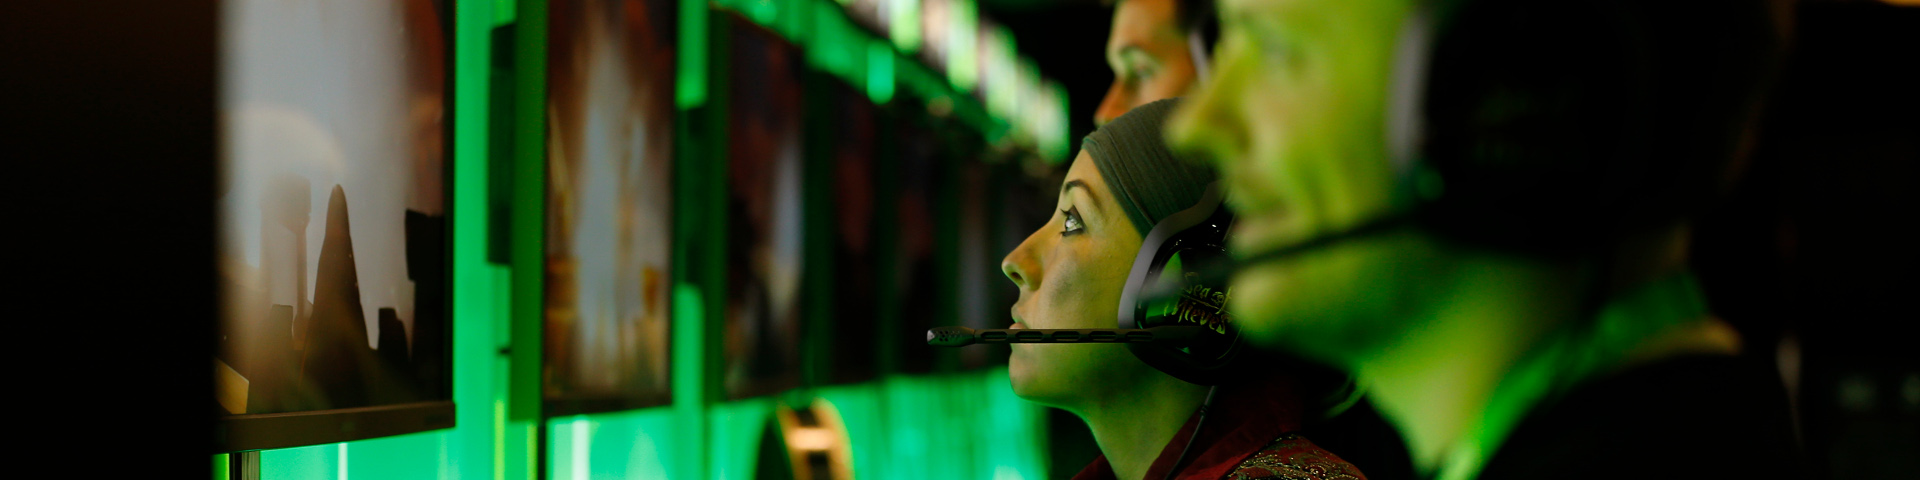 Xbox-Spieler sitzen mit Kopfhörern vor PCs und spielen Games